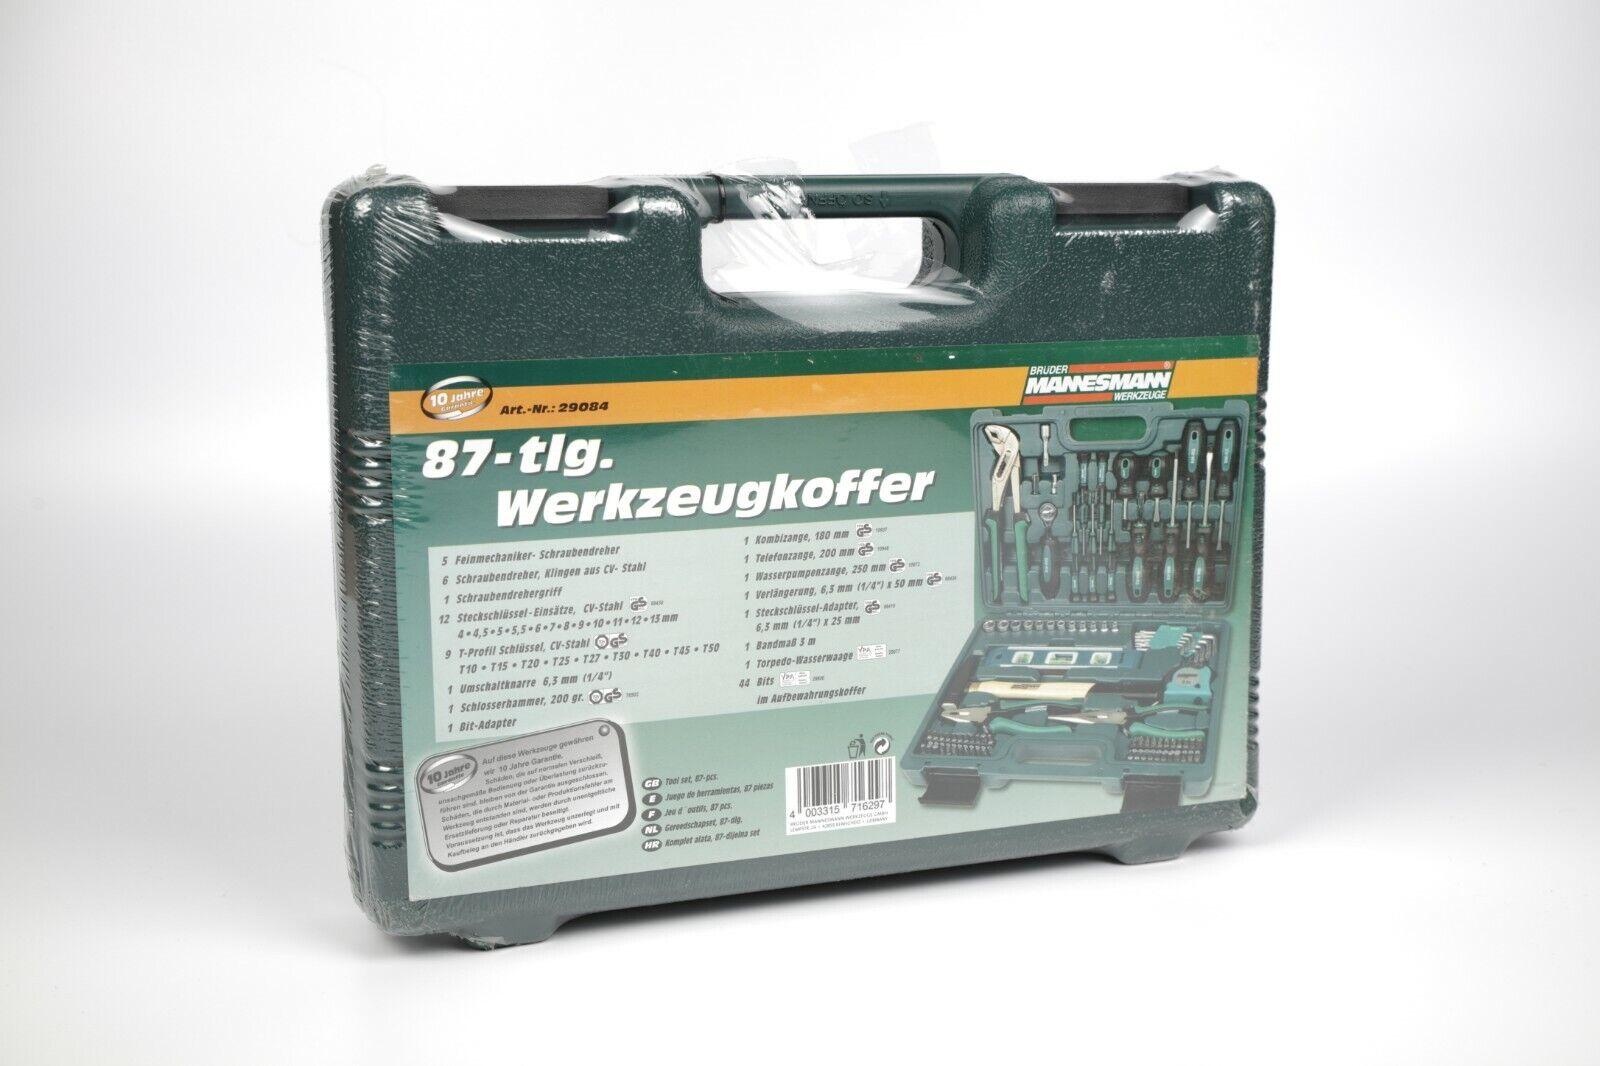 86 tlg. Werkzeug-Set Werkzeugkoffer Werkzeugkasten Werkstatt Mannesmann